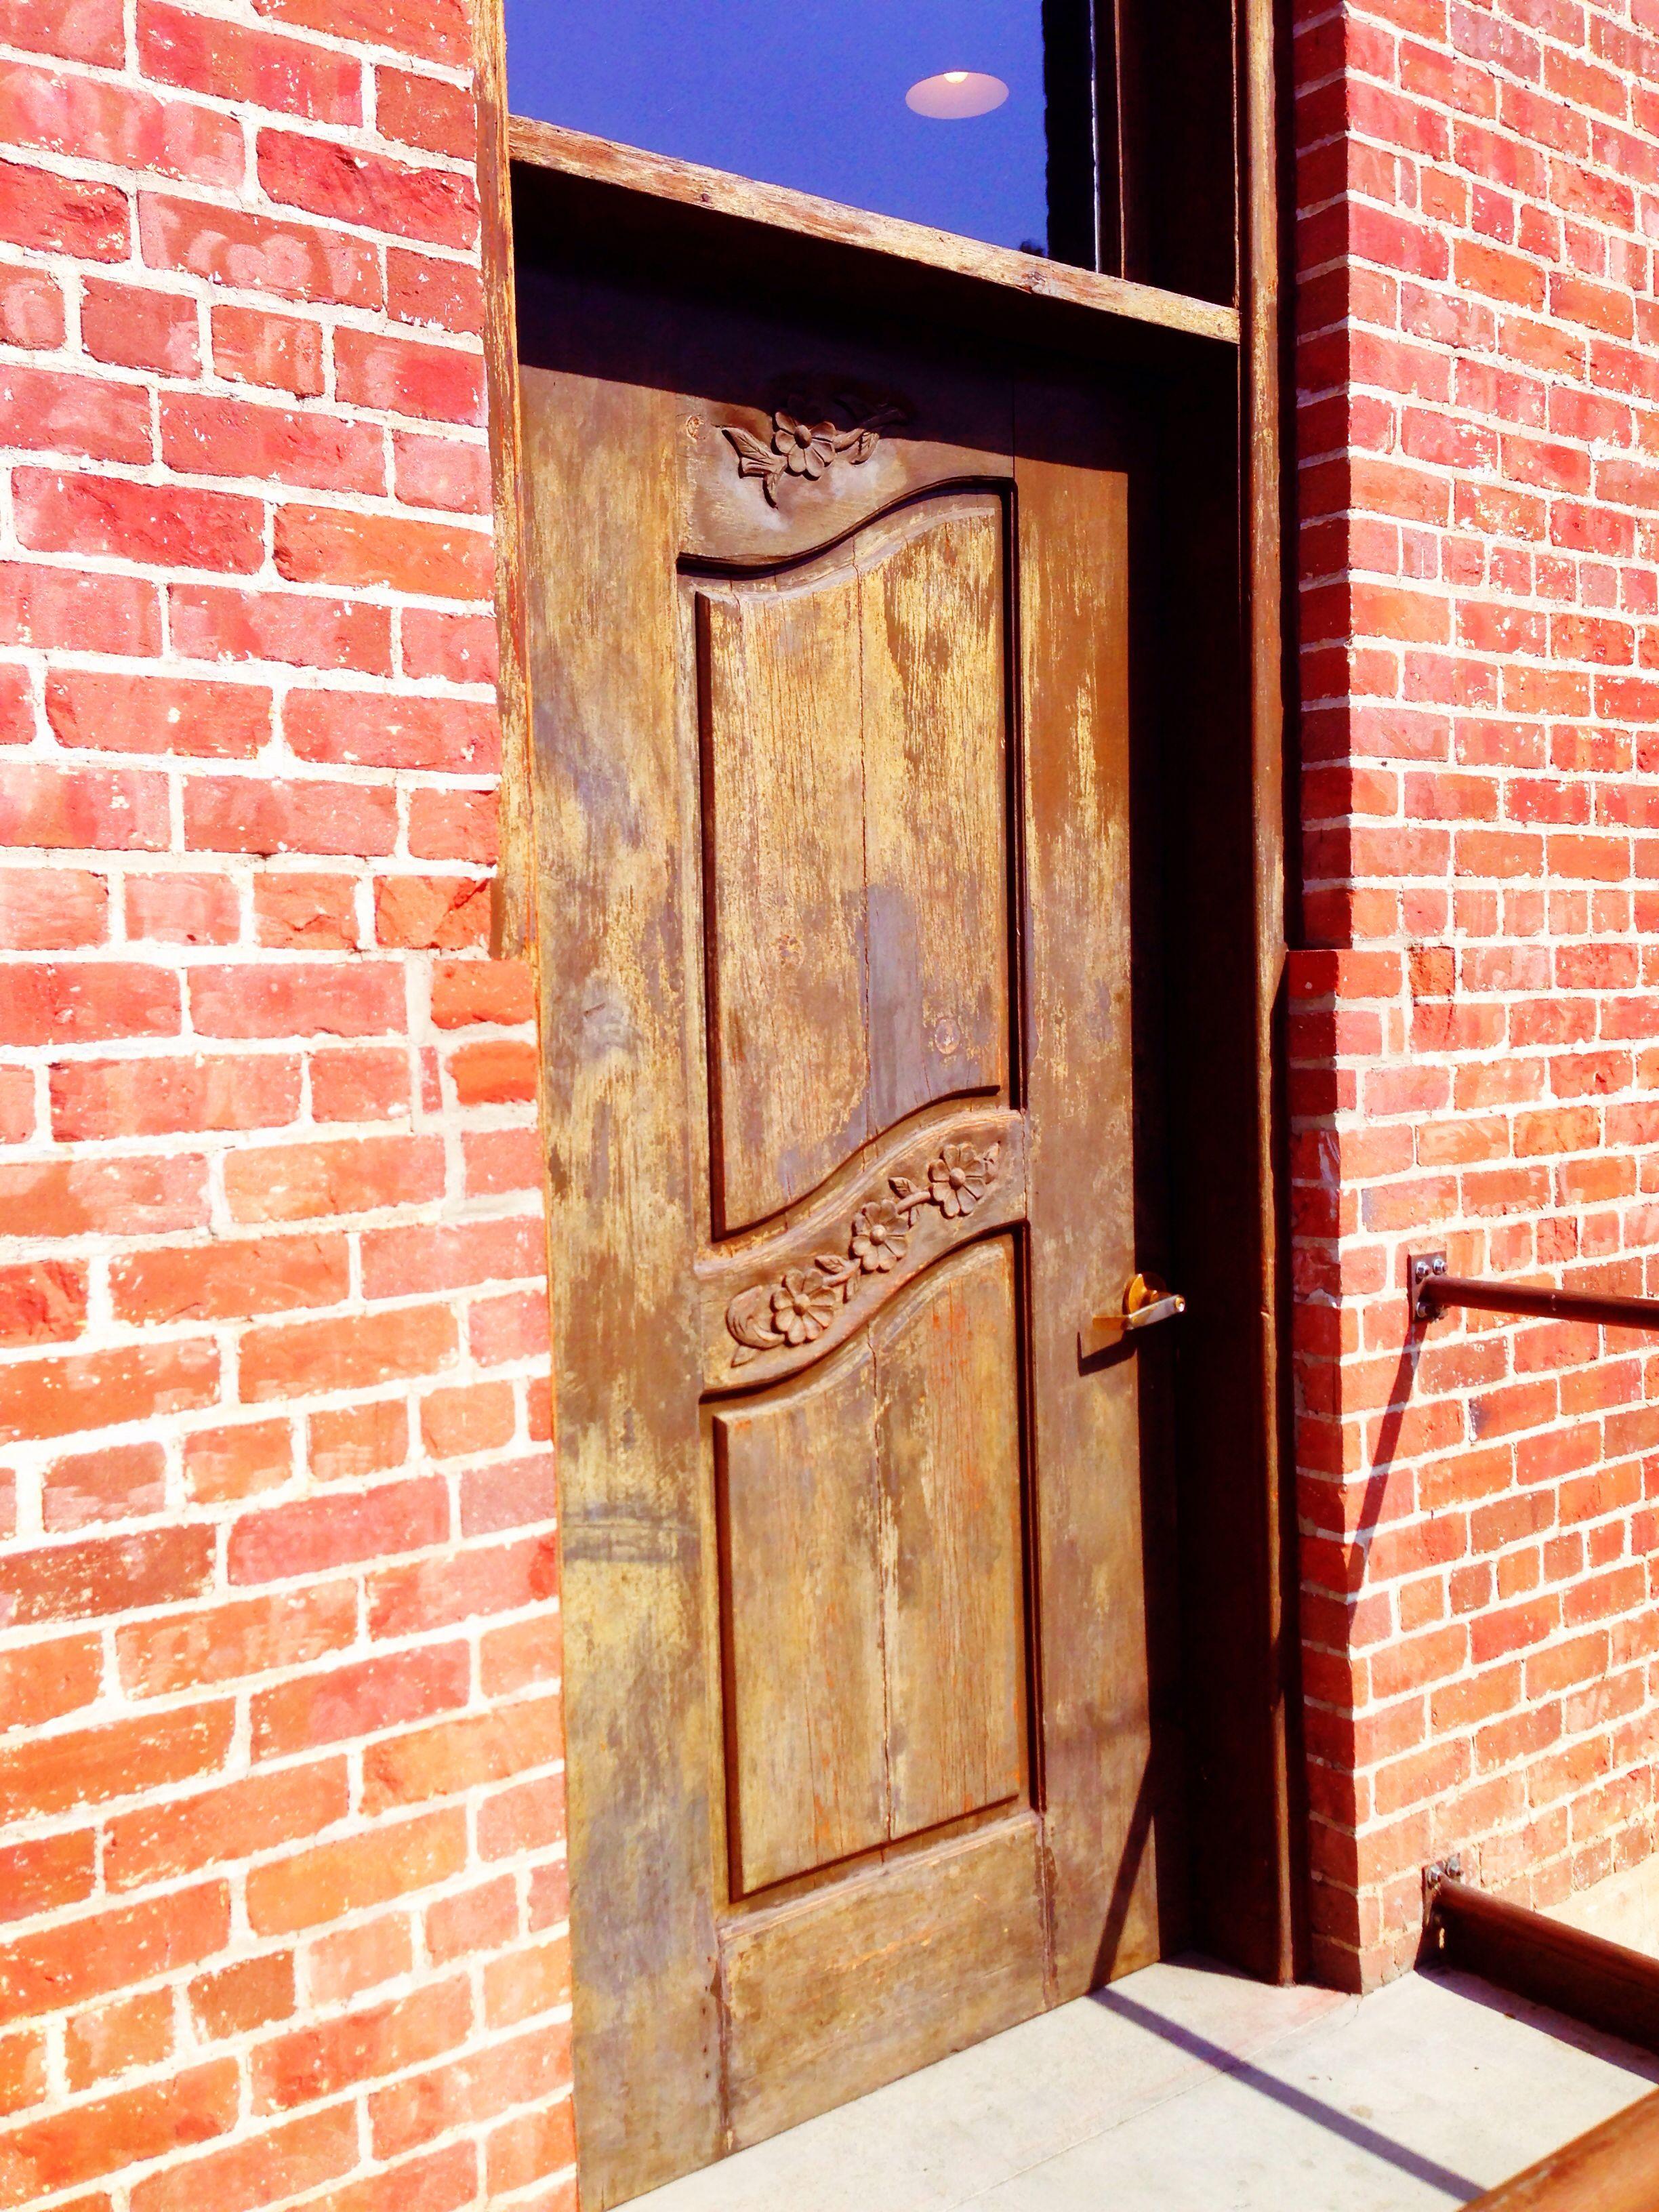 Downtown Pomona, CA, Art Walk area - wooden door